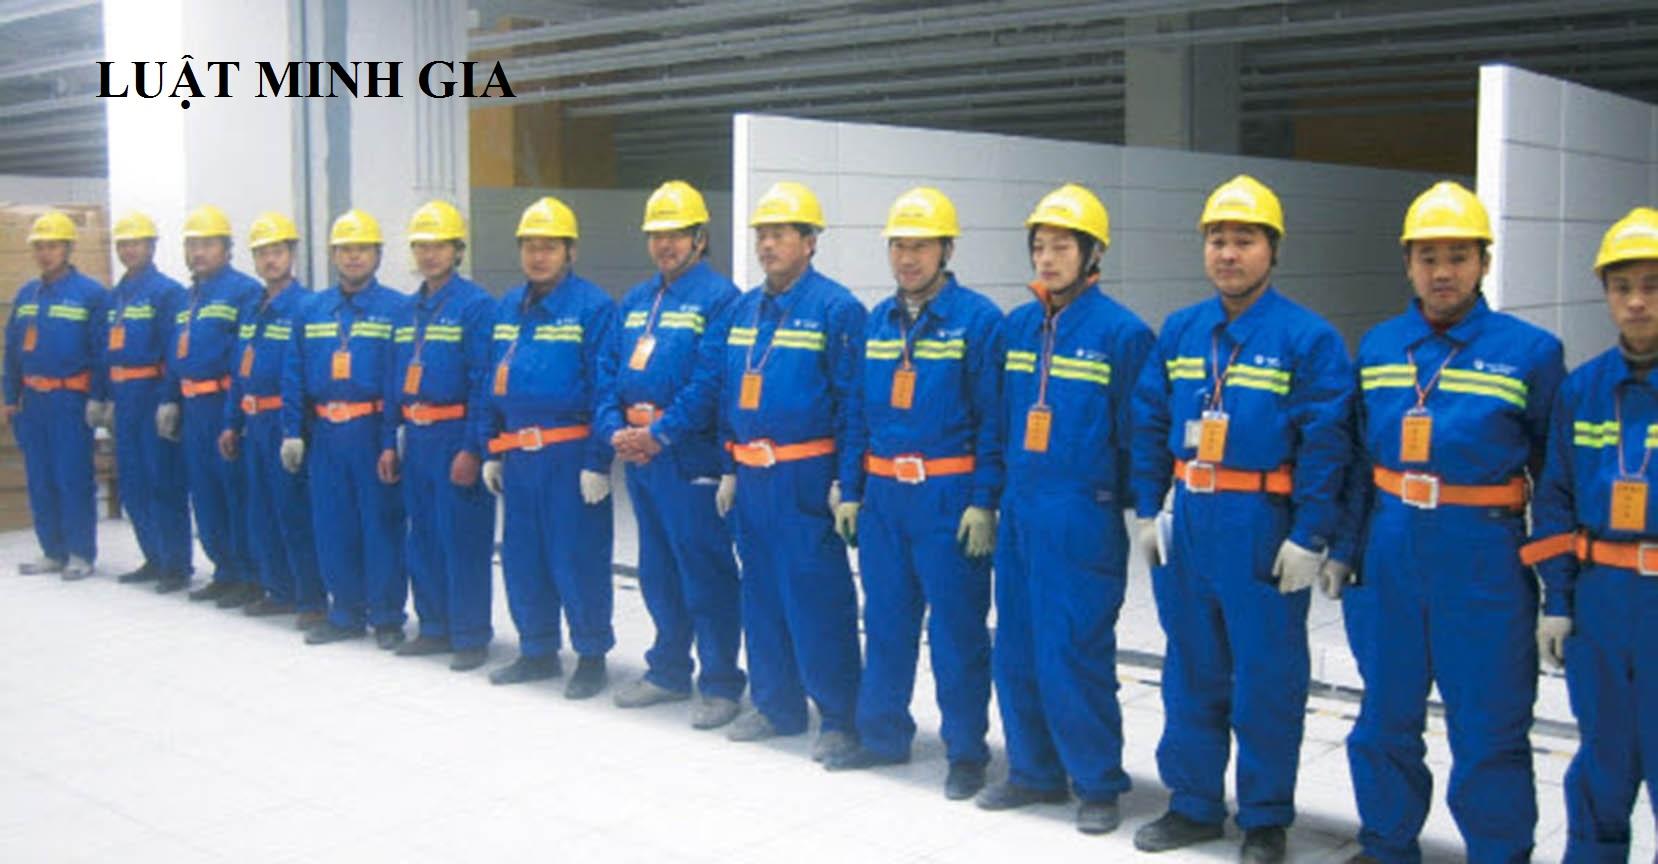 Trách nhiệm của người sử dụng lao động đối với người lao động khi xảy ra tai nạn lao động được quy định như thế nào?